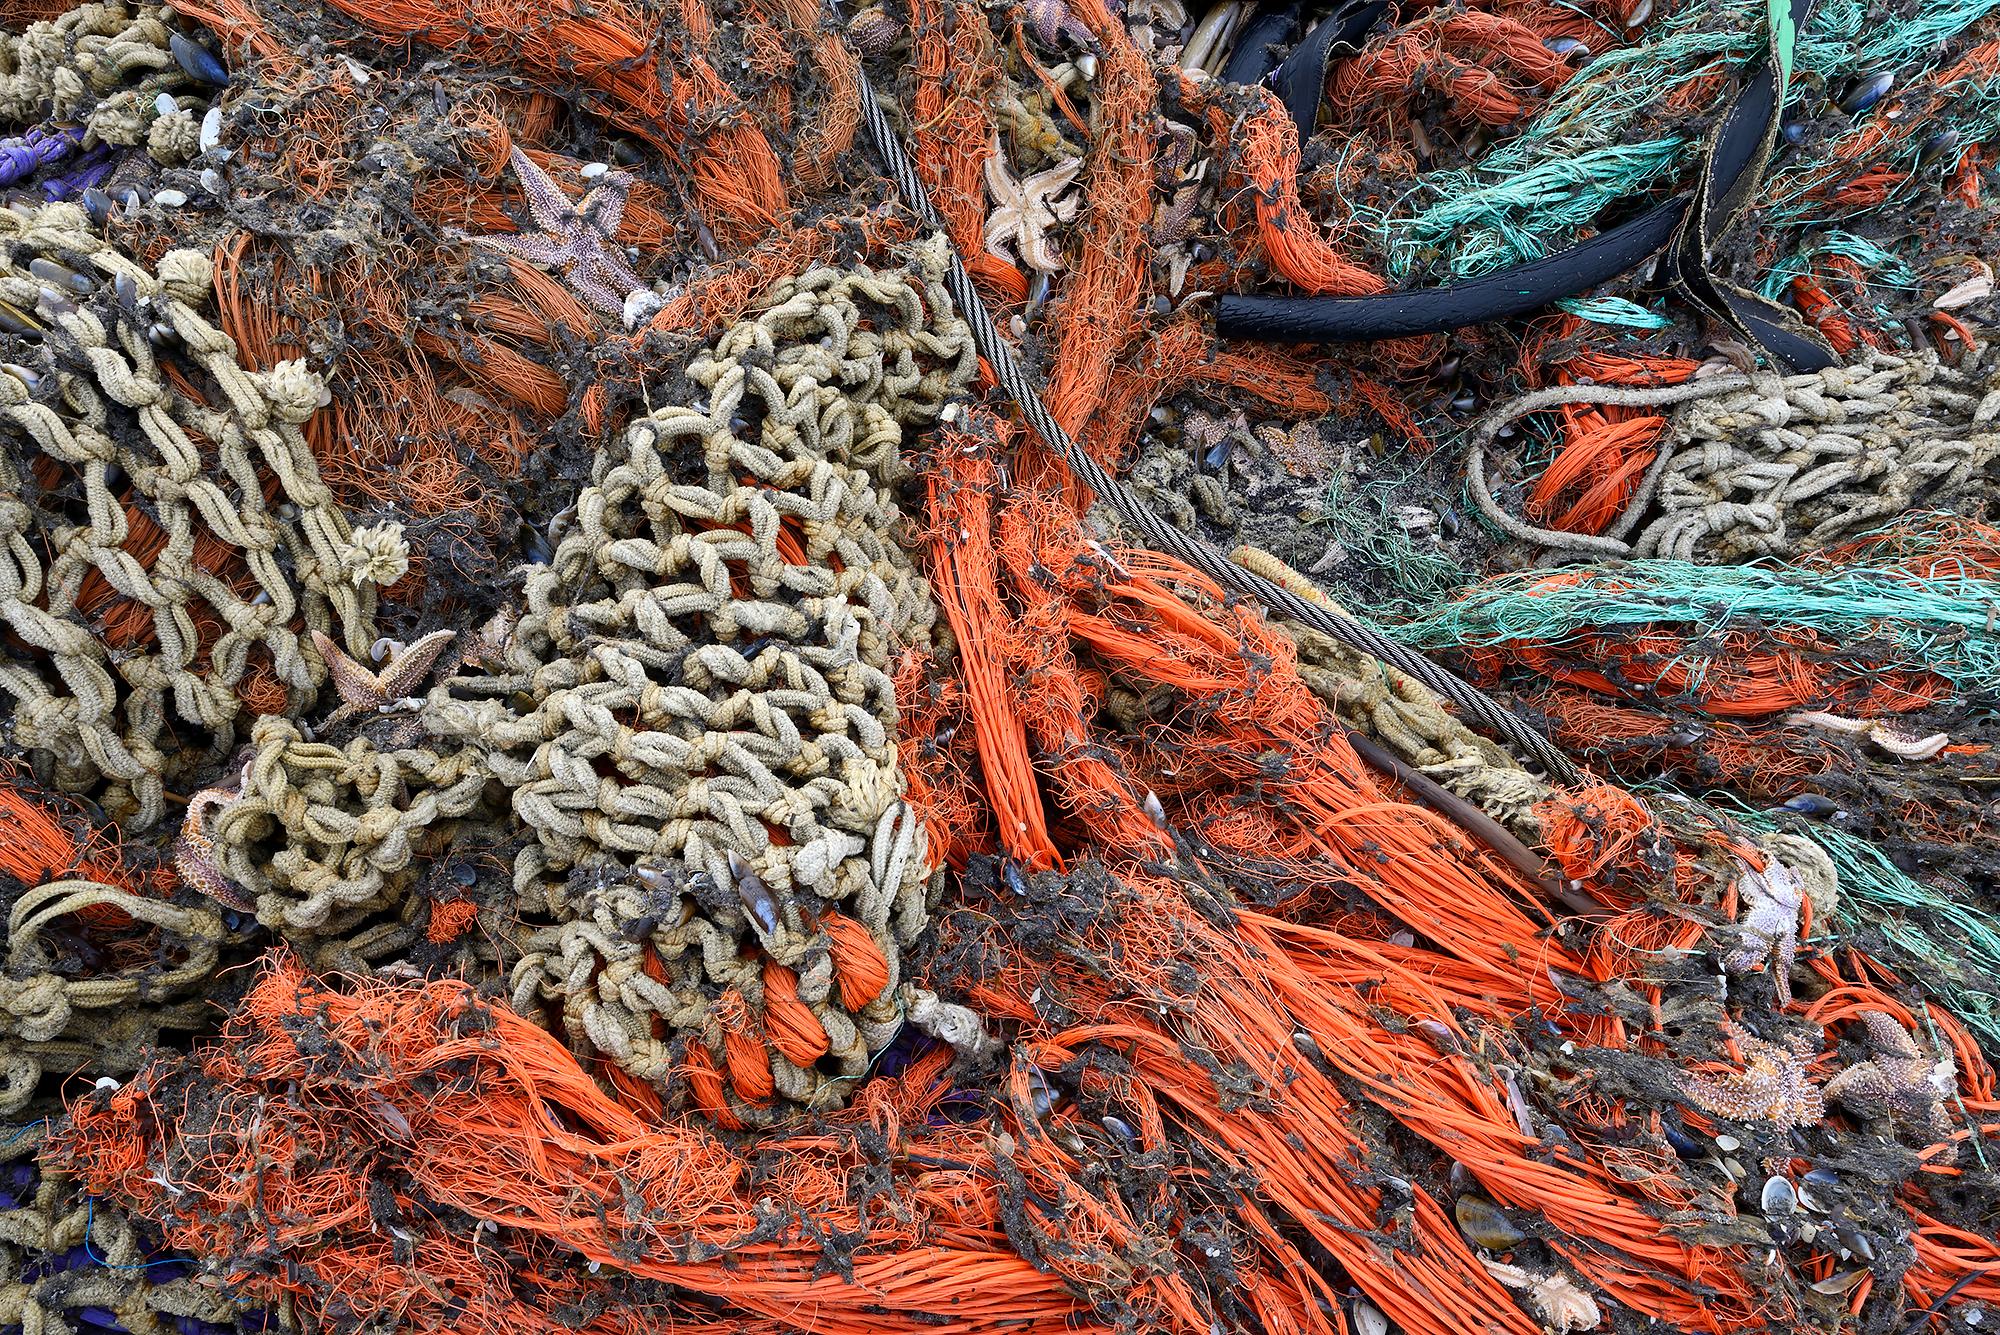 Aangespoeld visnet met zeesterren langs de vloedlijn op het strand van Wijk aan Zee na een winterstorm op de Noordzee;